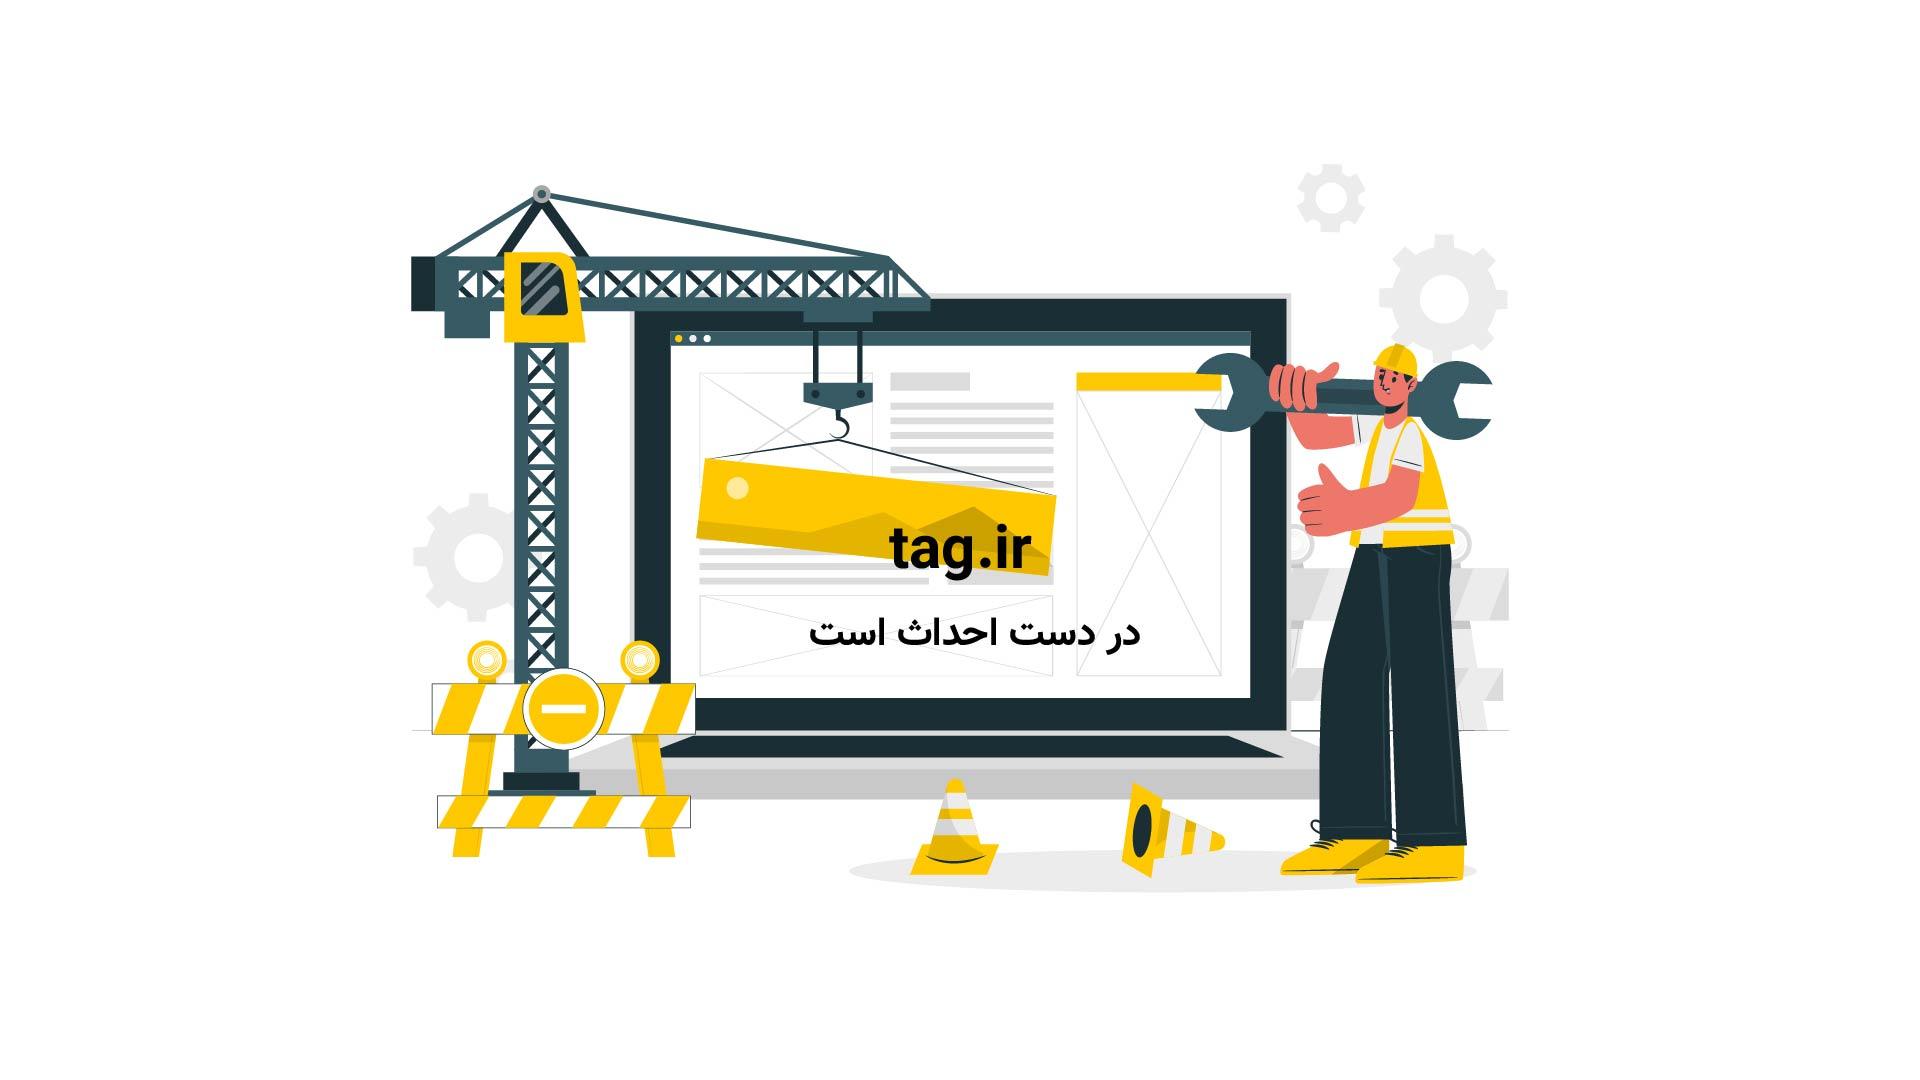 خلاصه والیبال ایران ٣-٢ آرژانتین؛ گزارش اختصاصی تگ